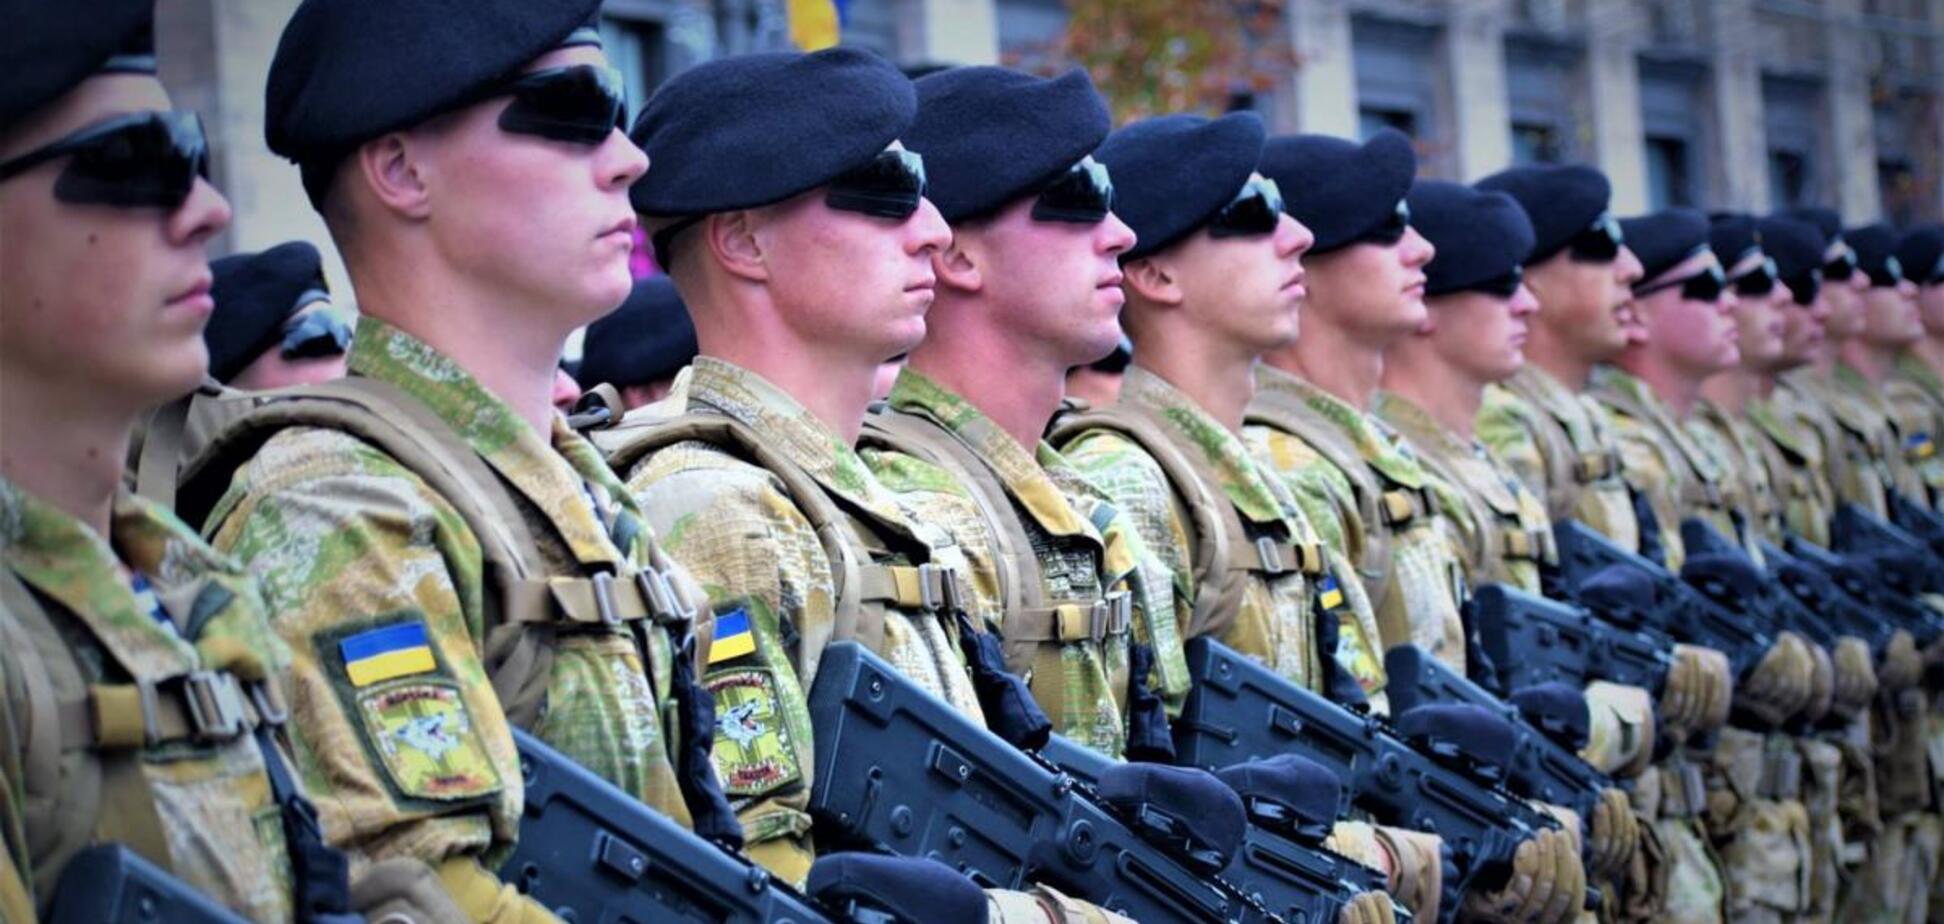 'Ми зупинили найсильнішого ворога!' Загороднюк похвалився міццю ЗСУ на Донбасі